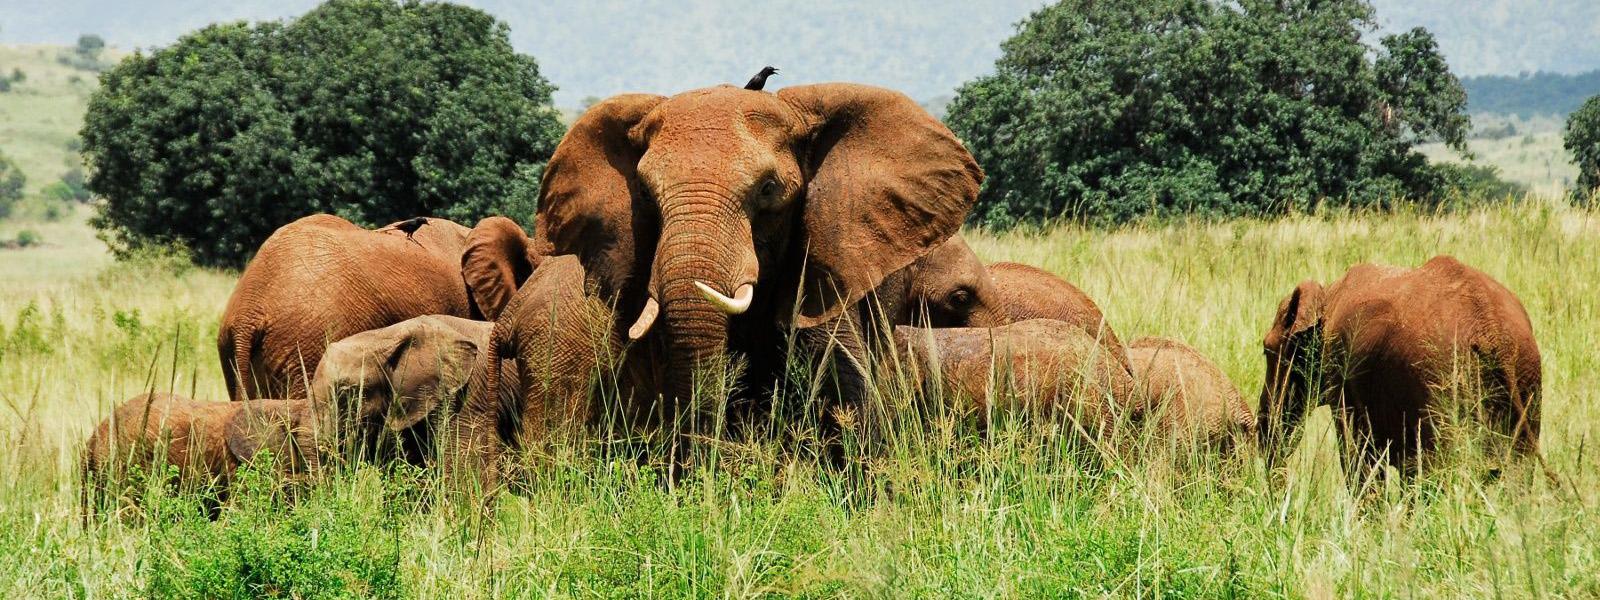 Wildlife & Gorilla Safaris Uganda